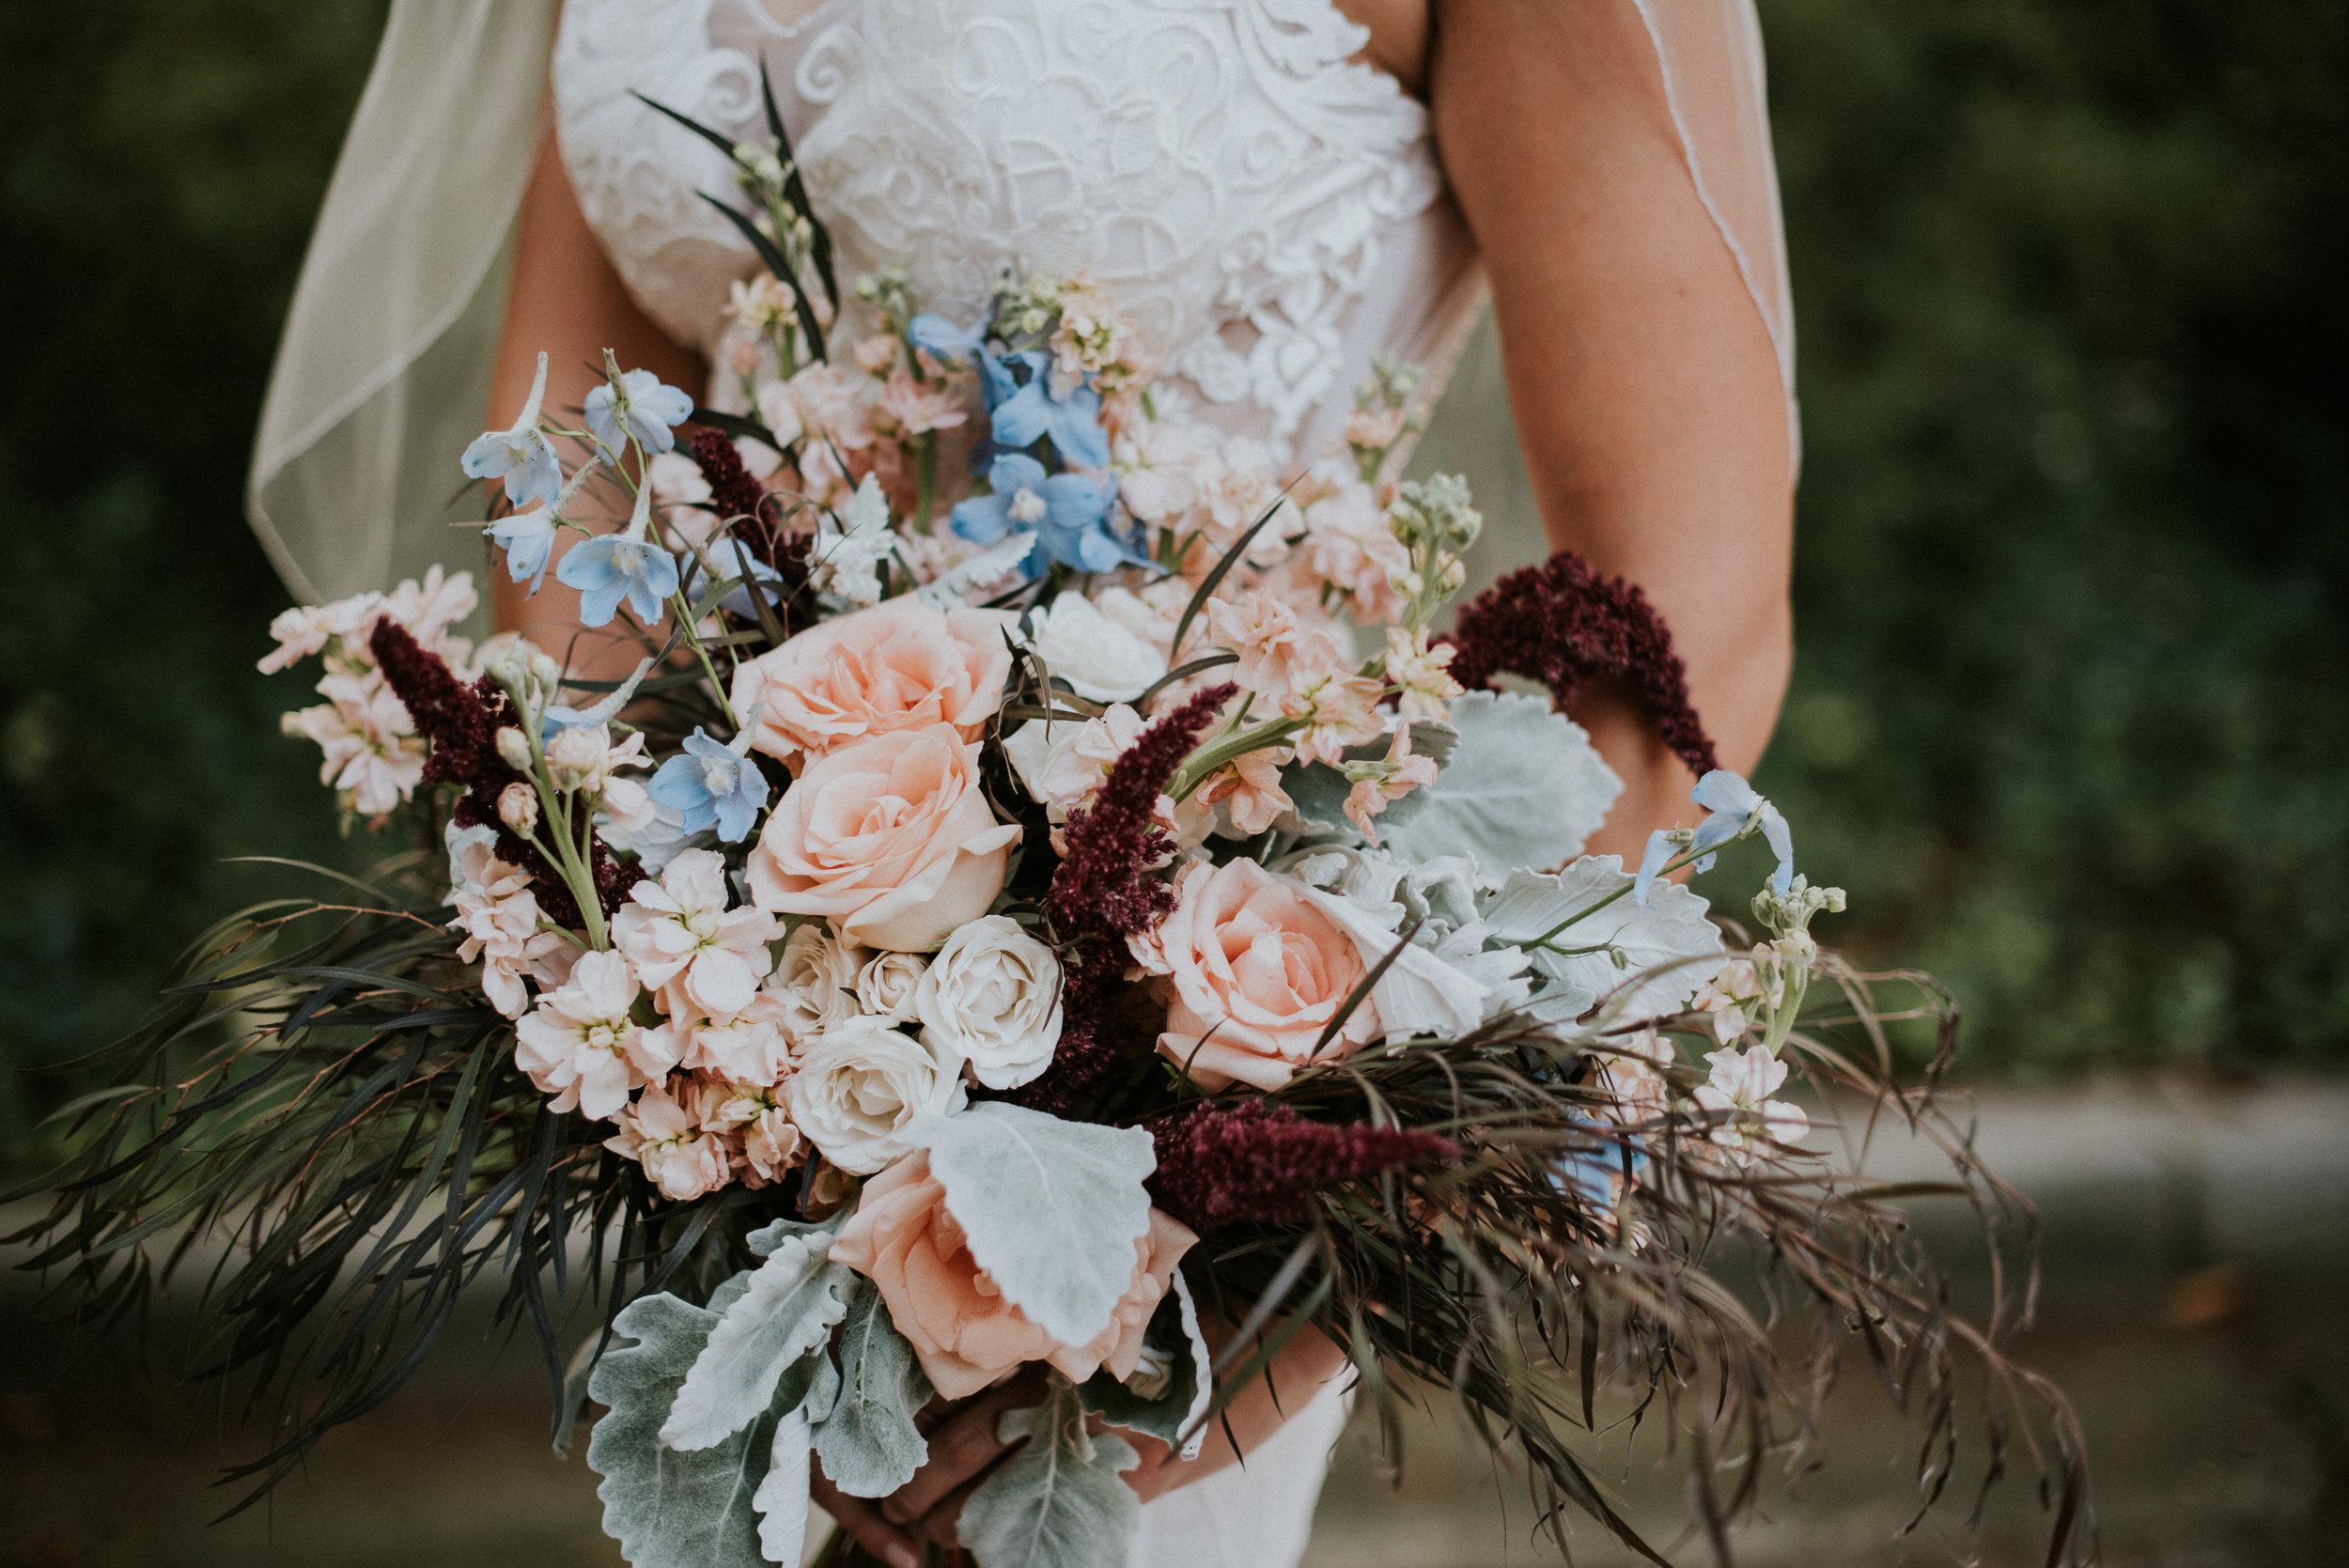 Bride's pastel colored bouquet